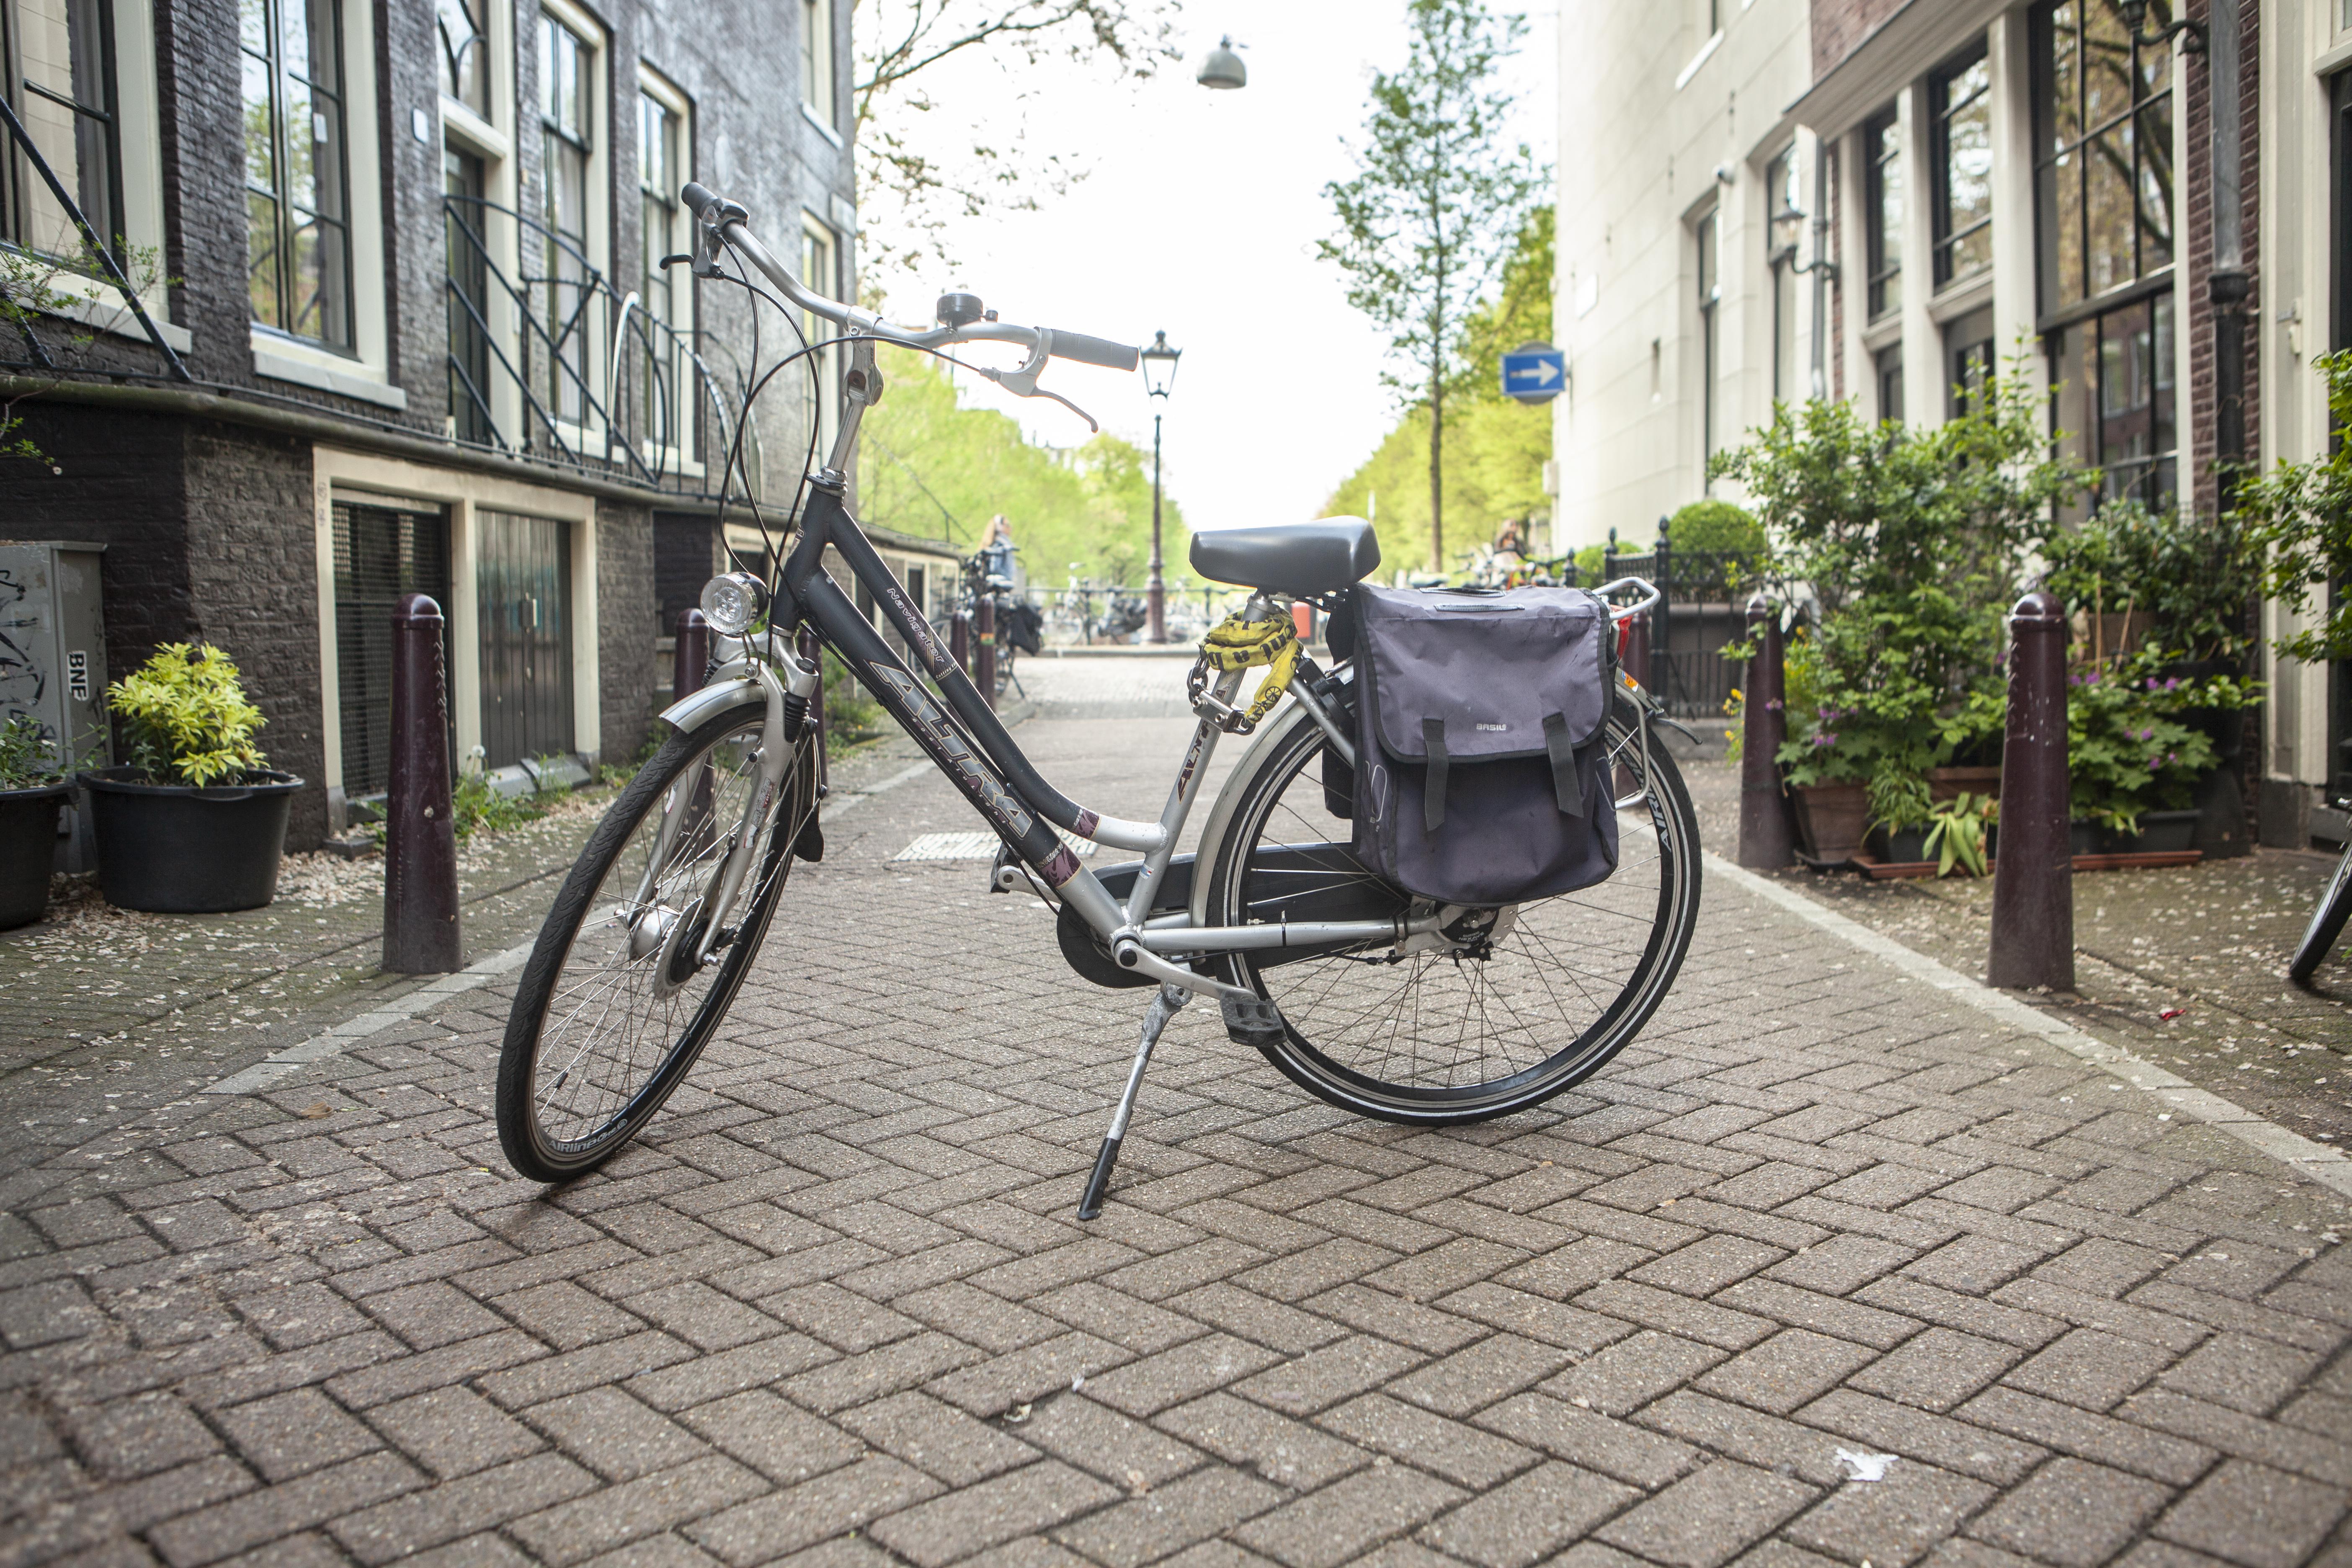 Frederic rent a bike_52.jpg